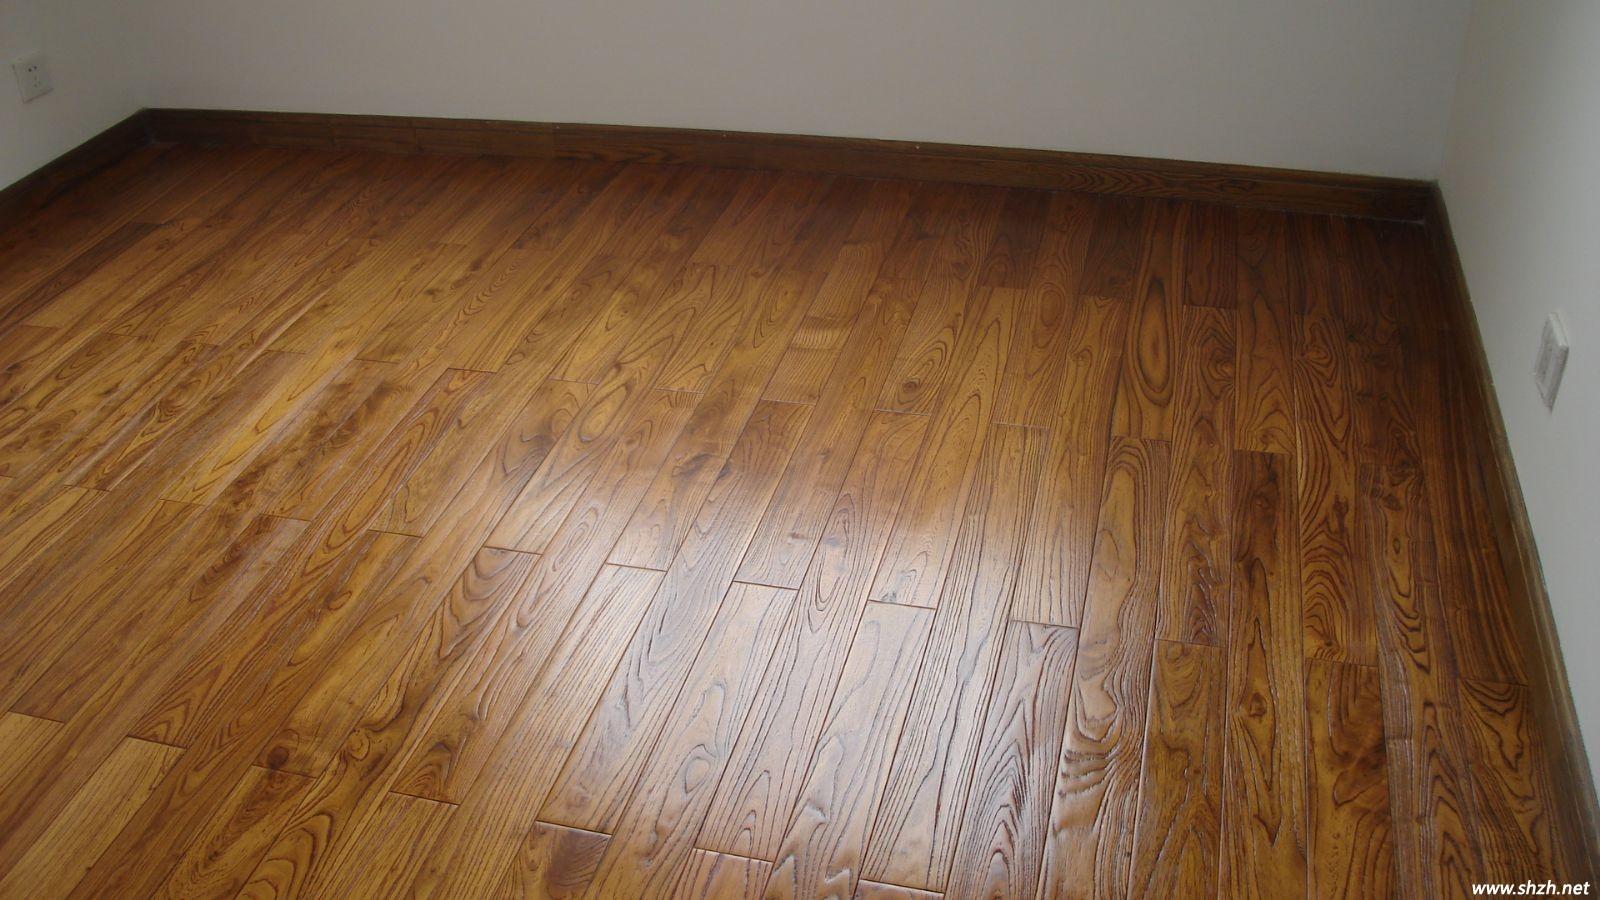 地板具有独特的纹理和色彩,相对于冷硬的瓷砖,它给人更加自然、柔和、富有亲和力的质感。但同时,地板也存在易磨损、易变形开裂等问题,需要小心养护才得以维持其良好的装修效果。打蜡是一个非常有效的地板养护方法,它像给地板做面膜一样,能让地板重焕光彩,延长其使用寿命。 地板打蜡养护是很多人都知道的一种养护方法,然而地板蜡是什么?